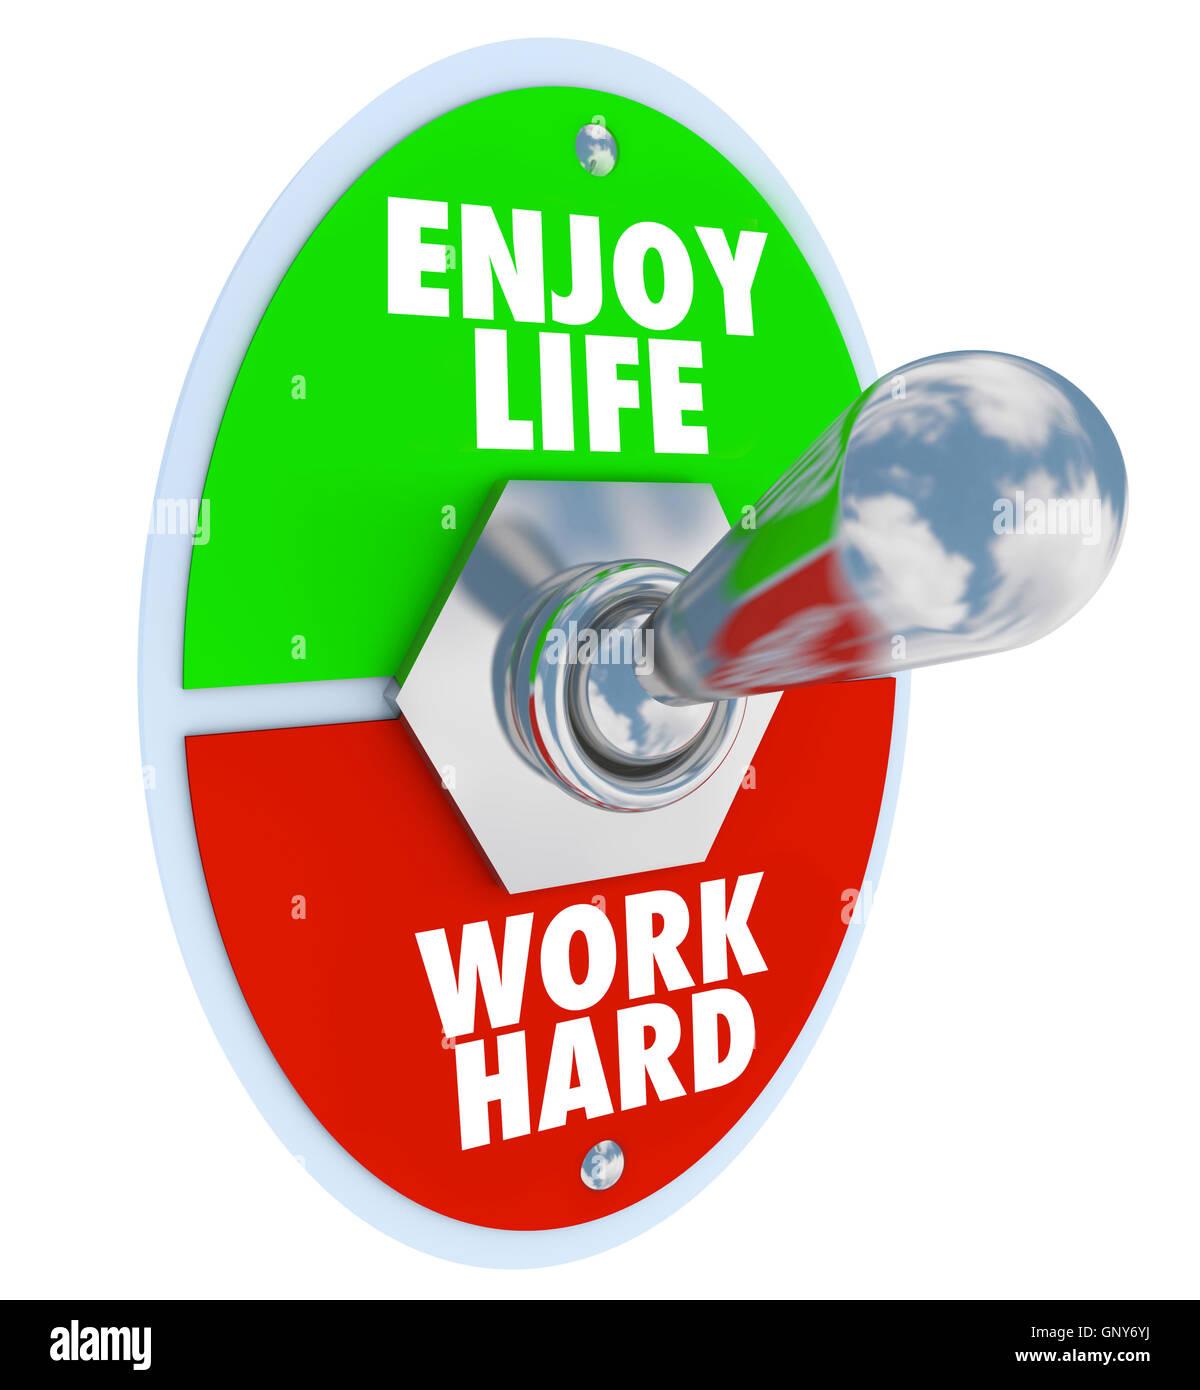 Enjoy Life vs. Work Hard Balance Toggle Switch - Stock Image